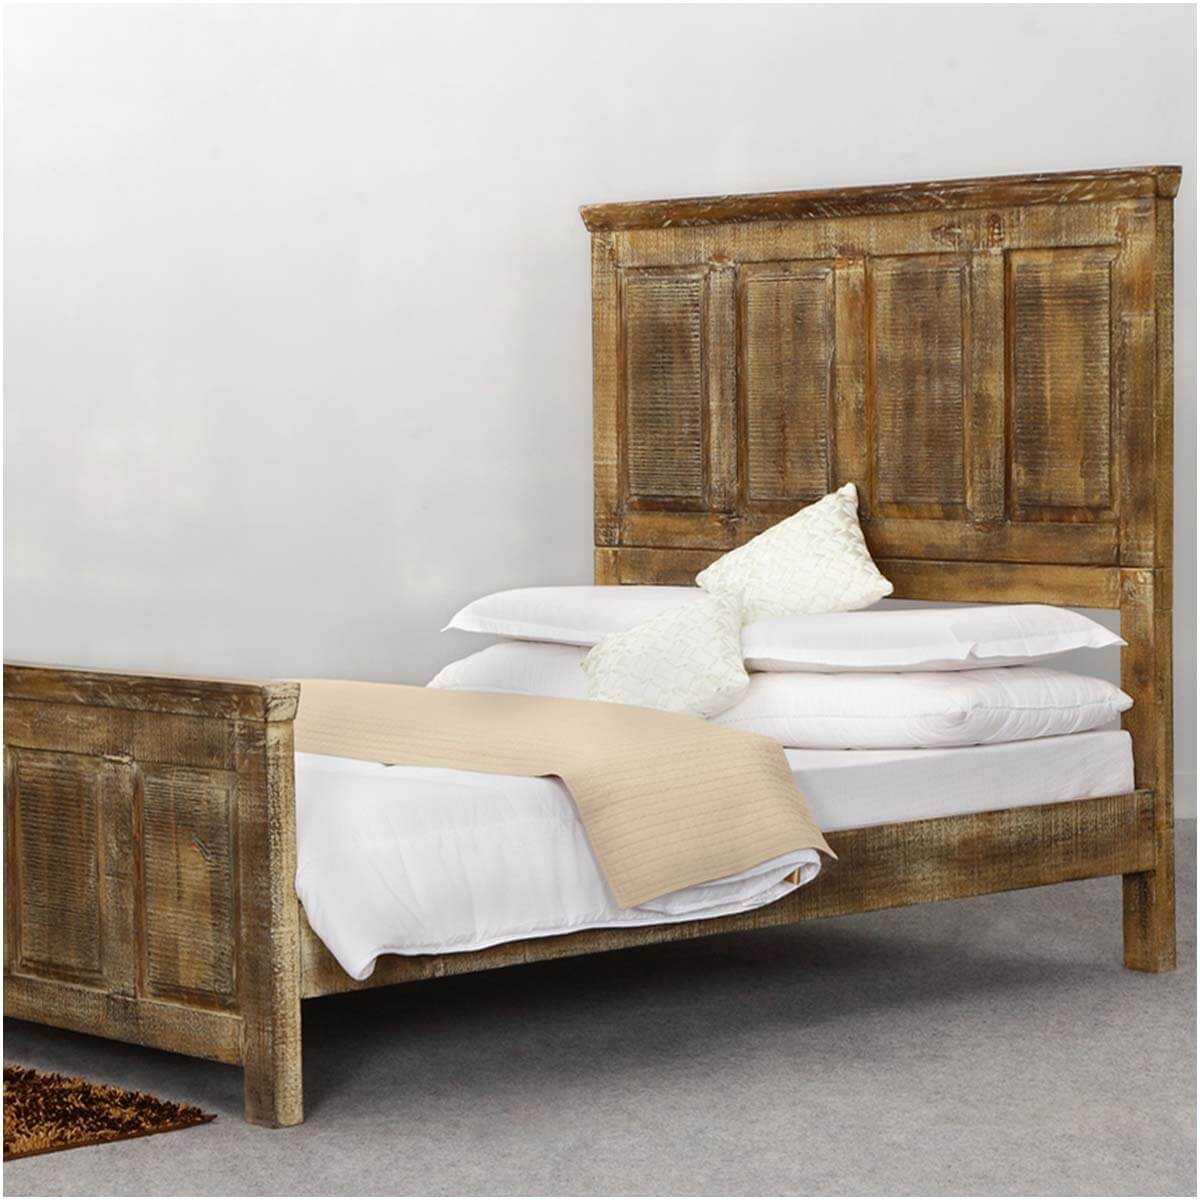 Mission golden rustic wood platform bed w footboard high